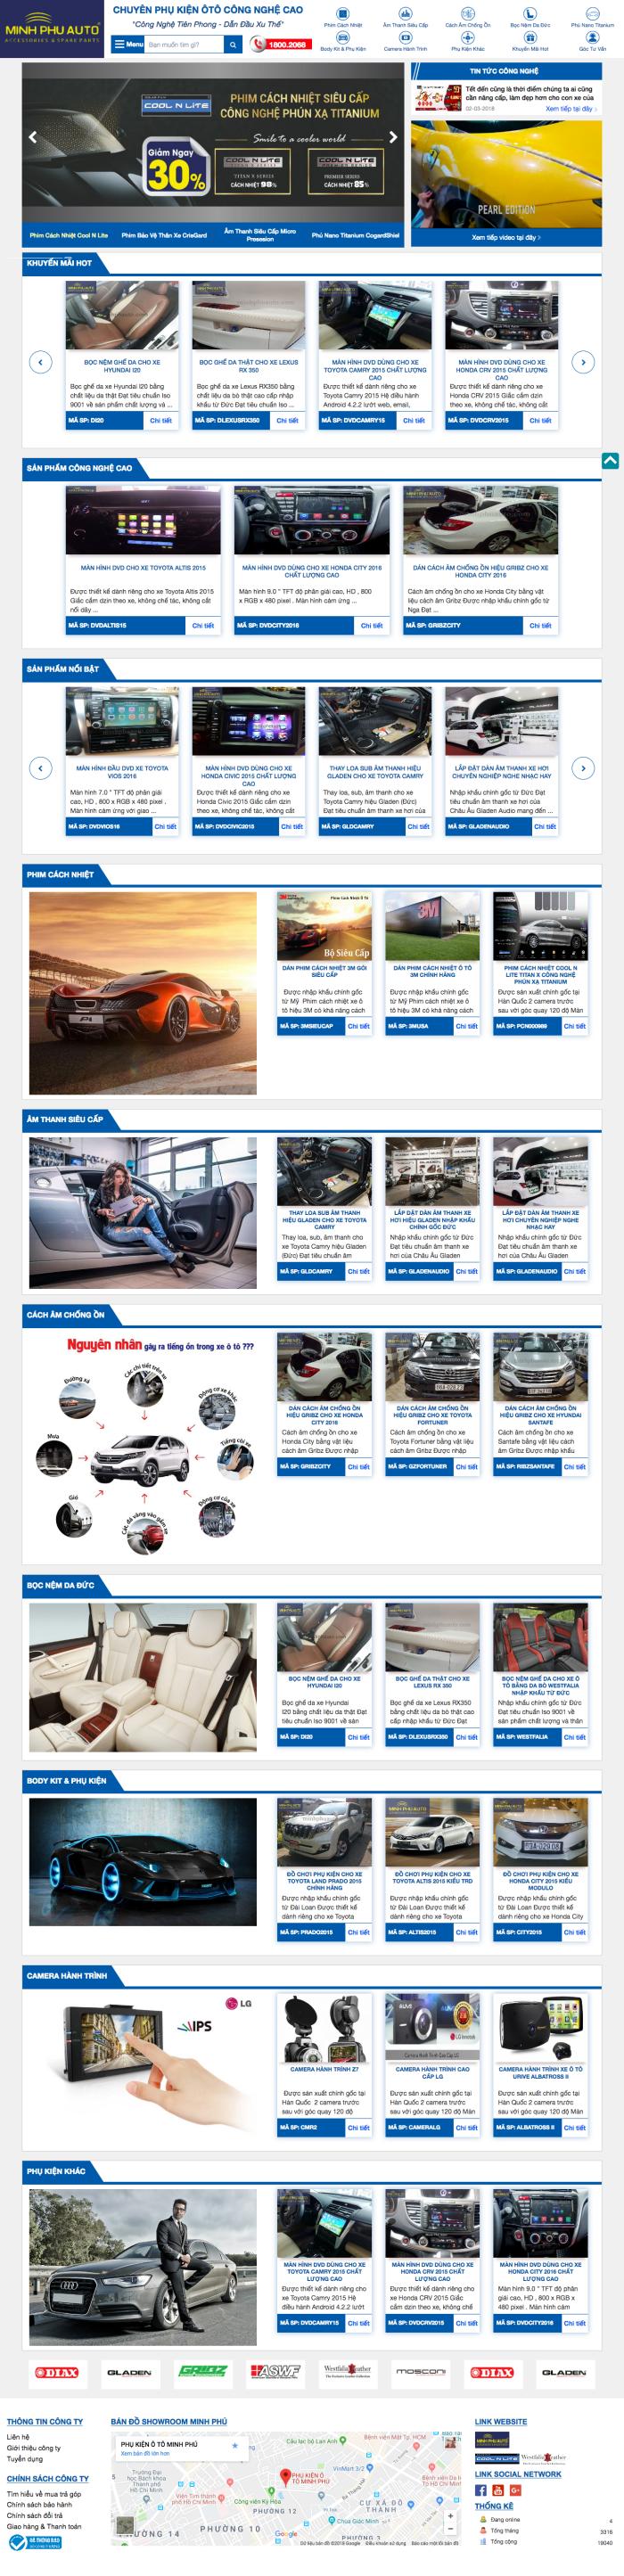 Thiết kế website phụ kiện xe hơi ô tô